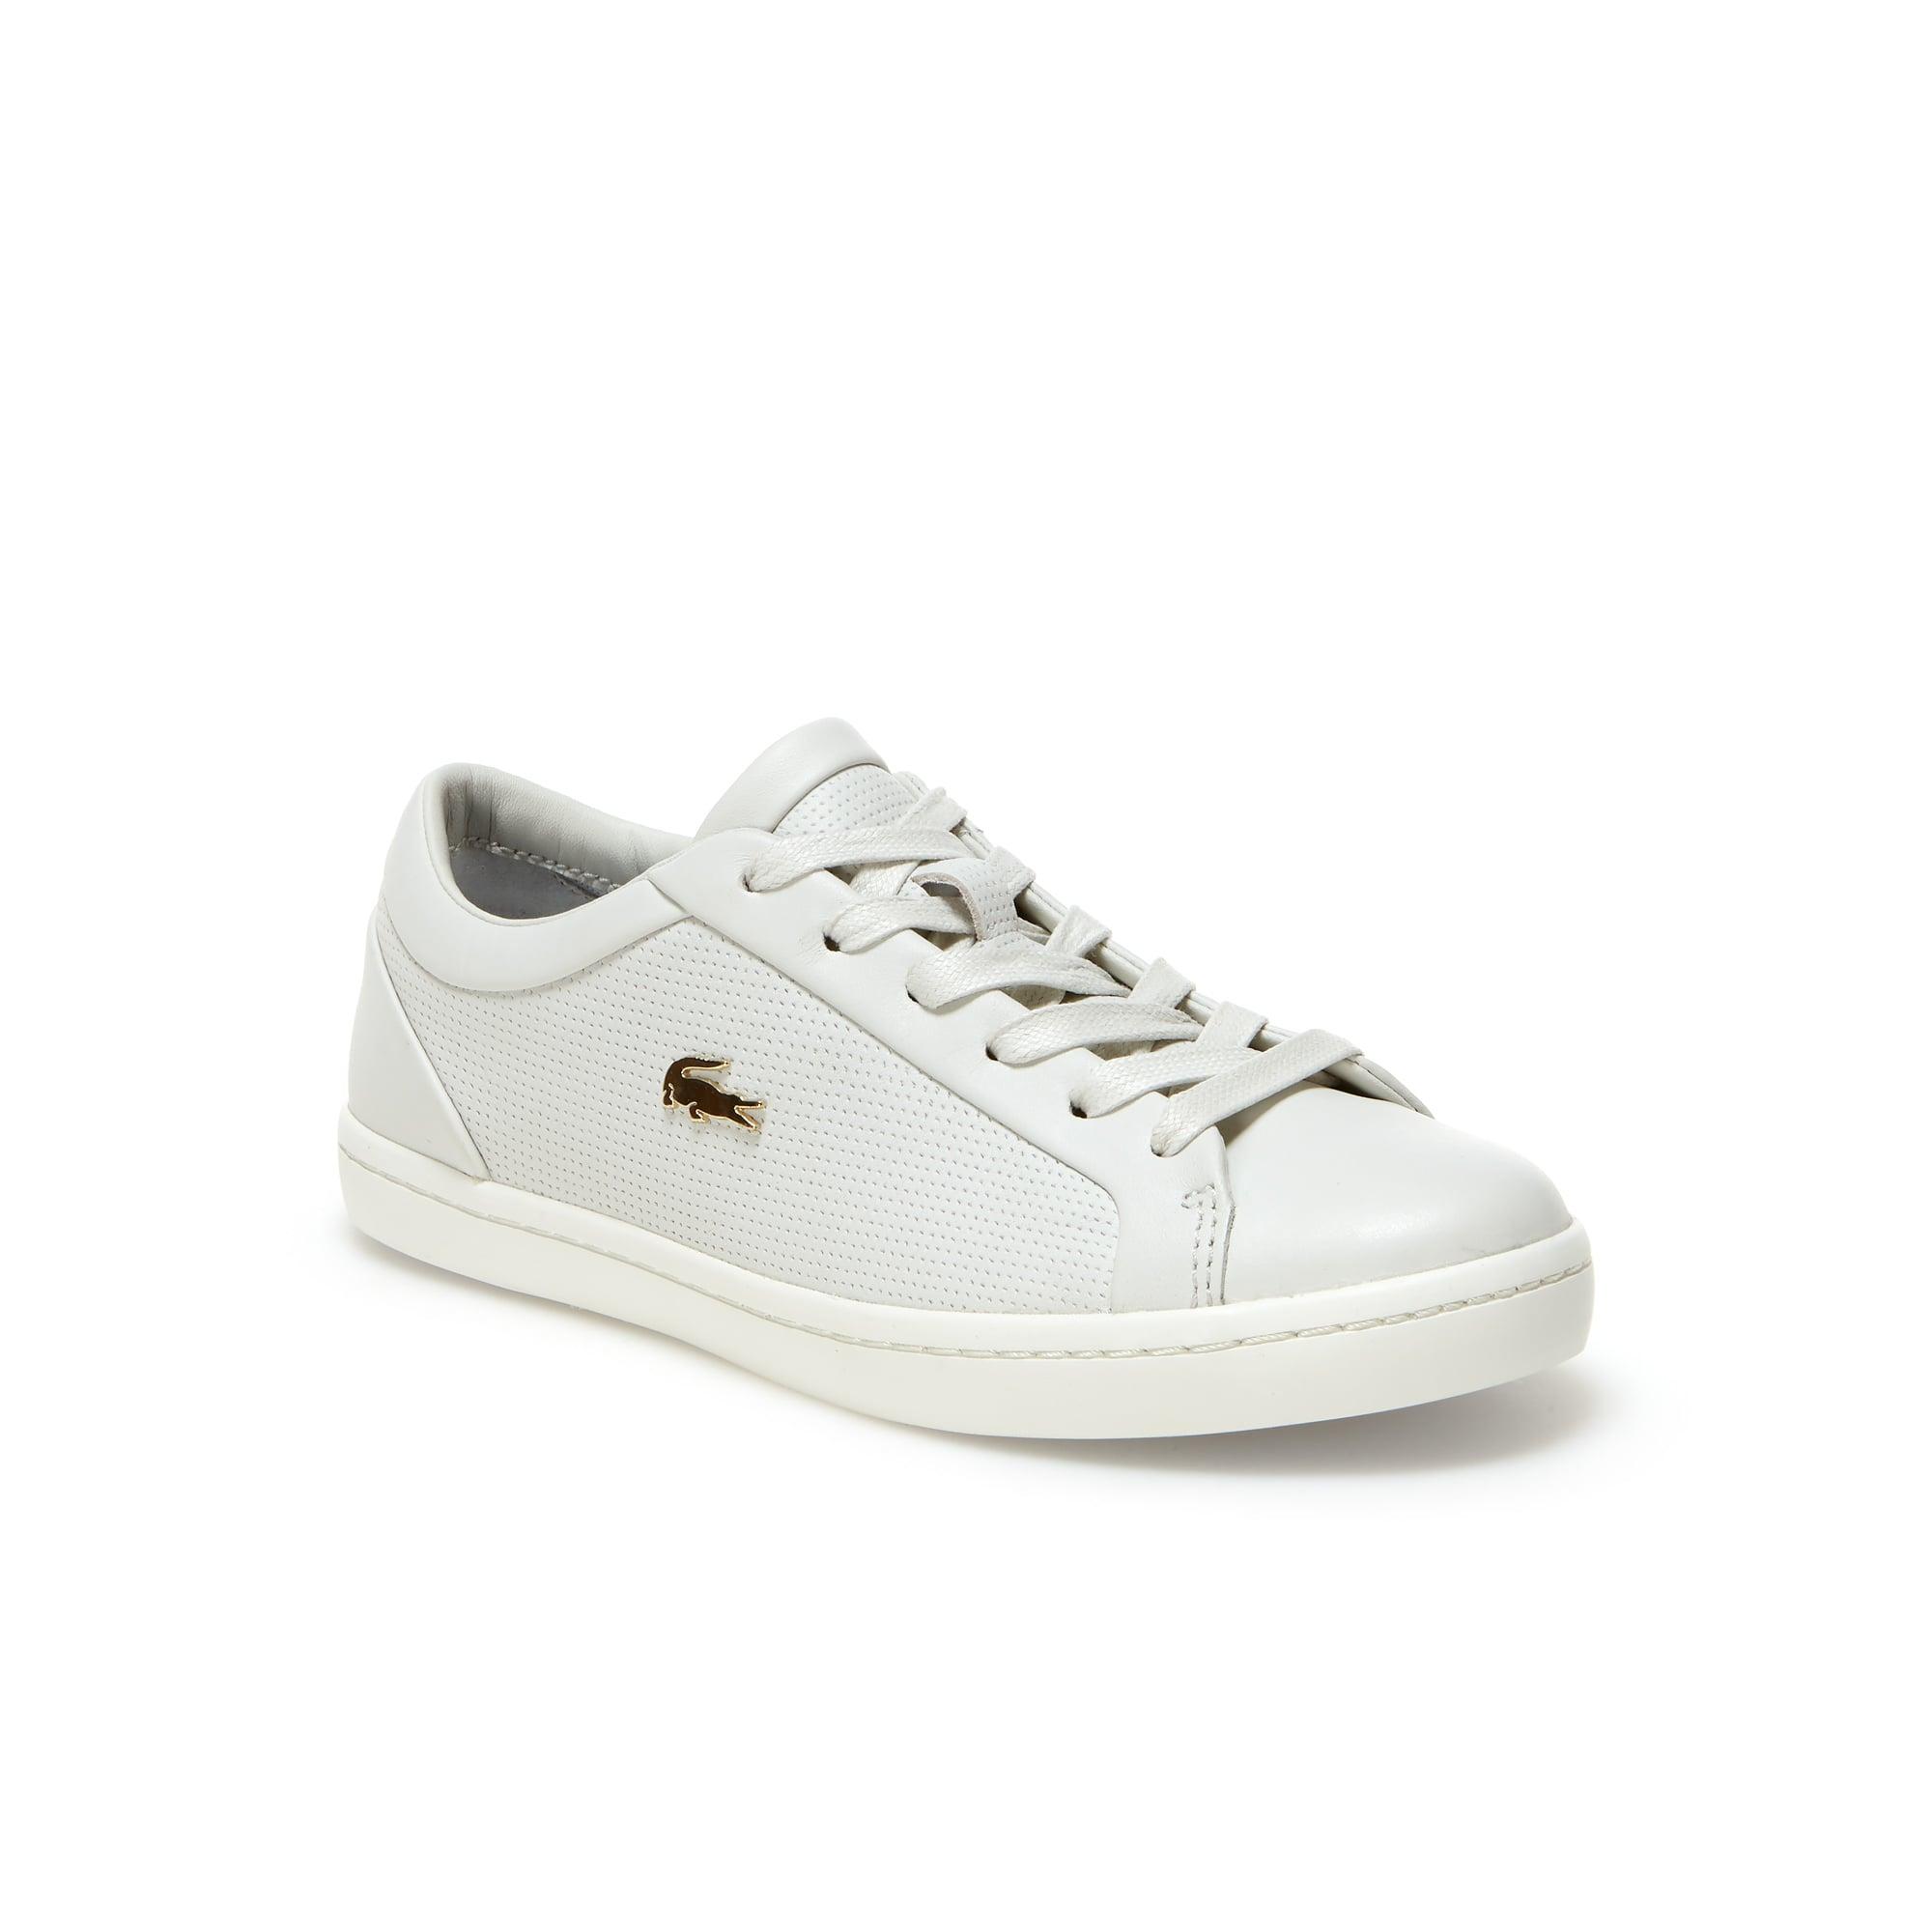 Sneakers Straightset en cuir nappa